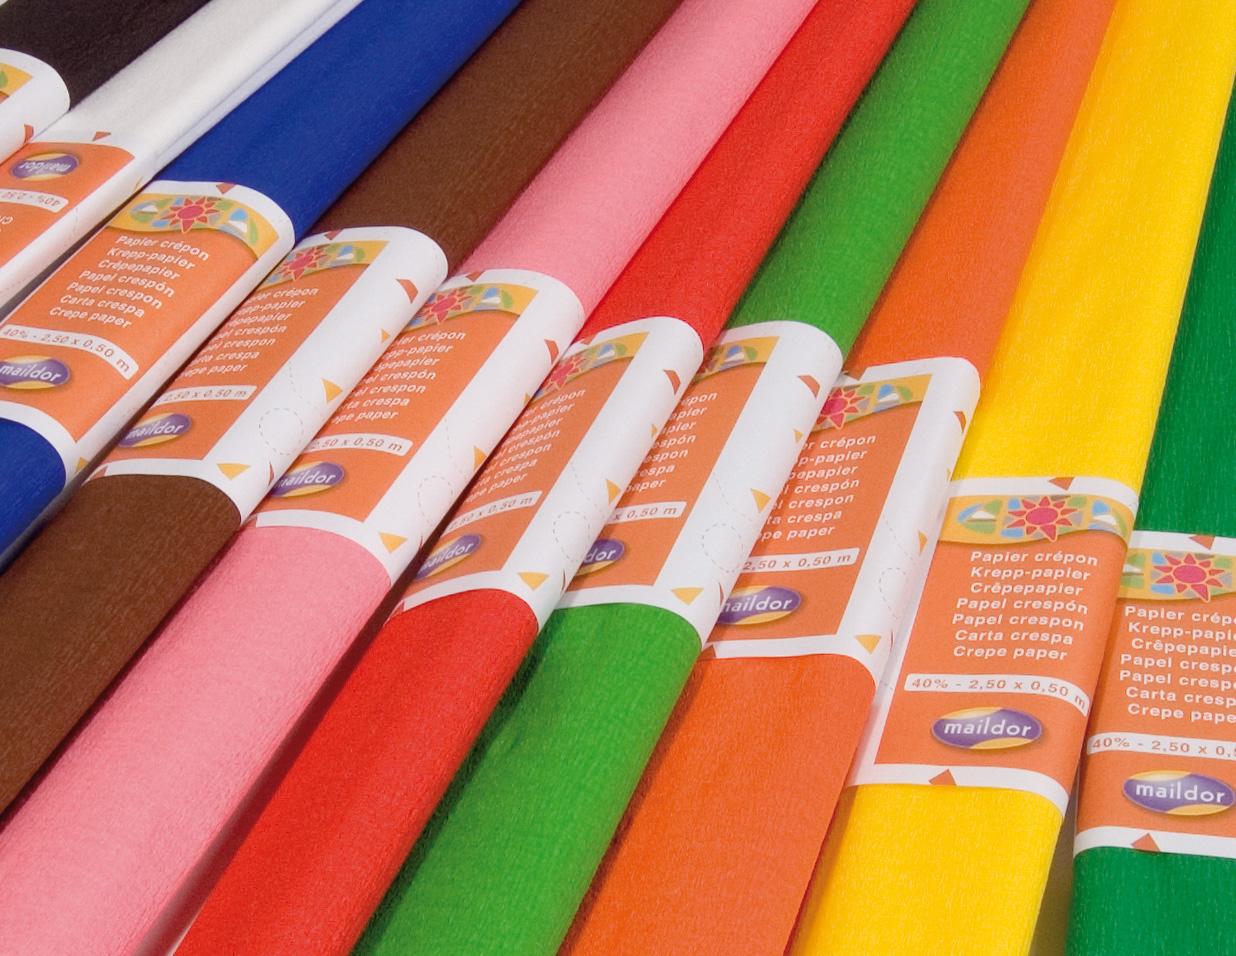 Top Papier Crépon Maildor 2.5m*50 cm 10 rouleaux assortis - Mille et  FE05